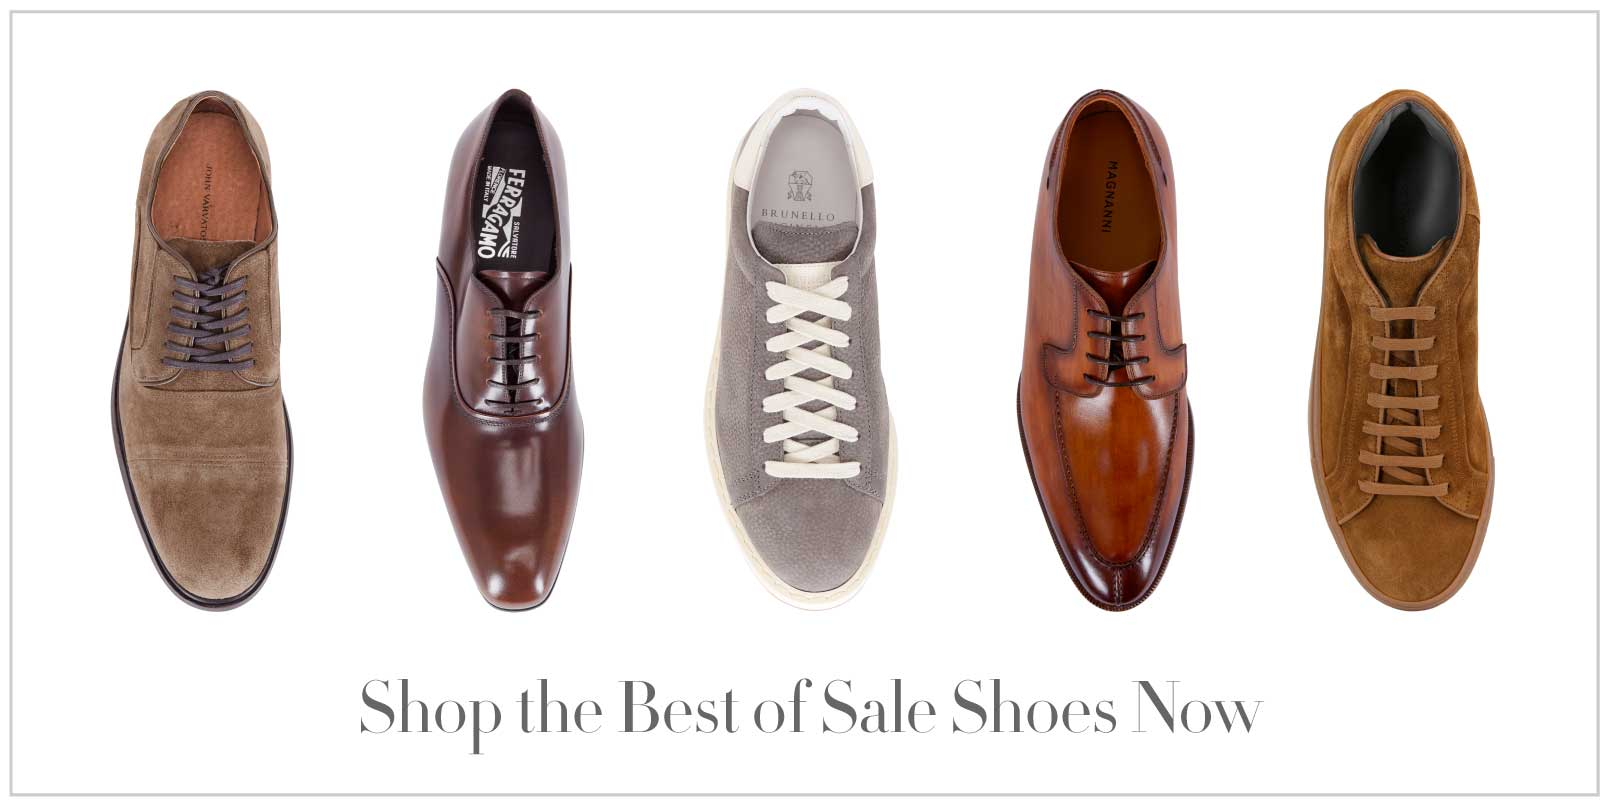 The Best of Men's Shoe Sale